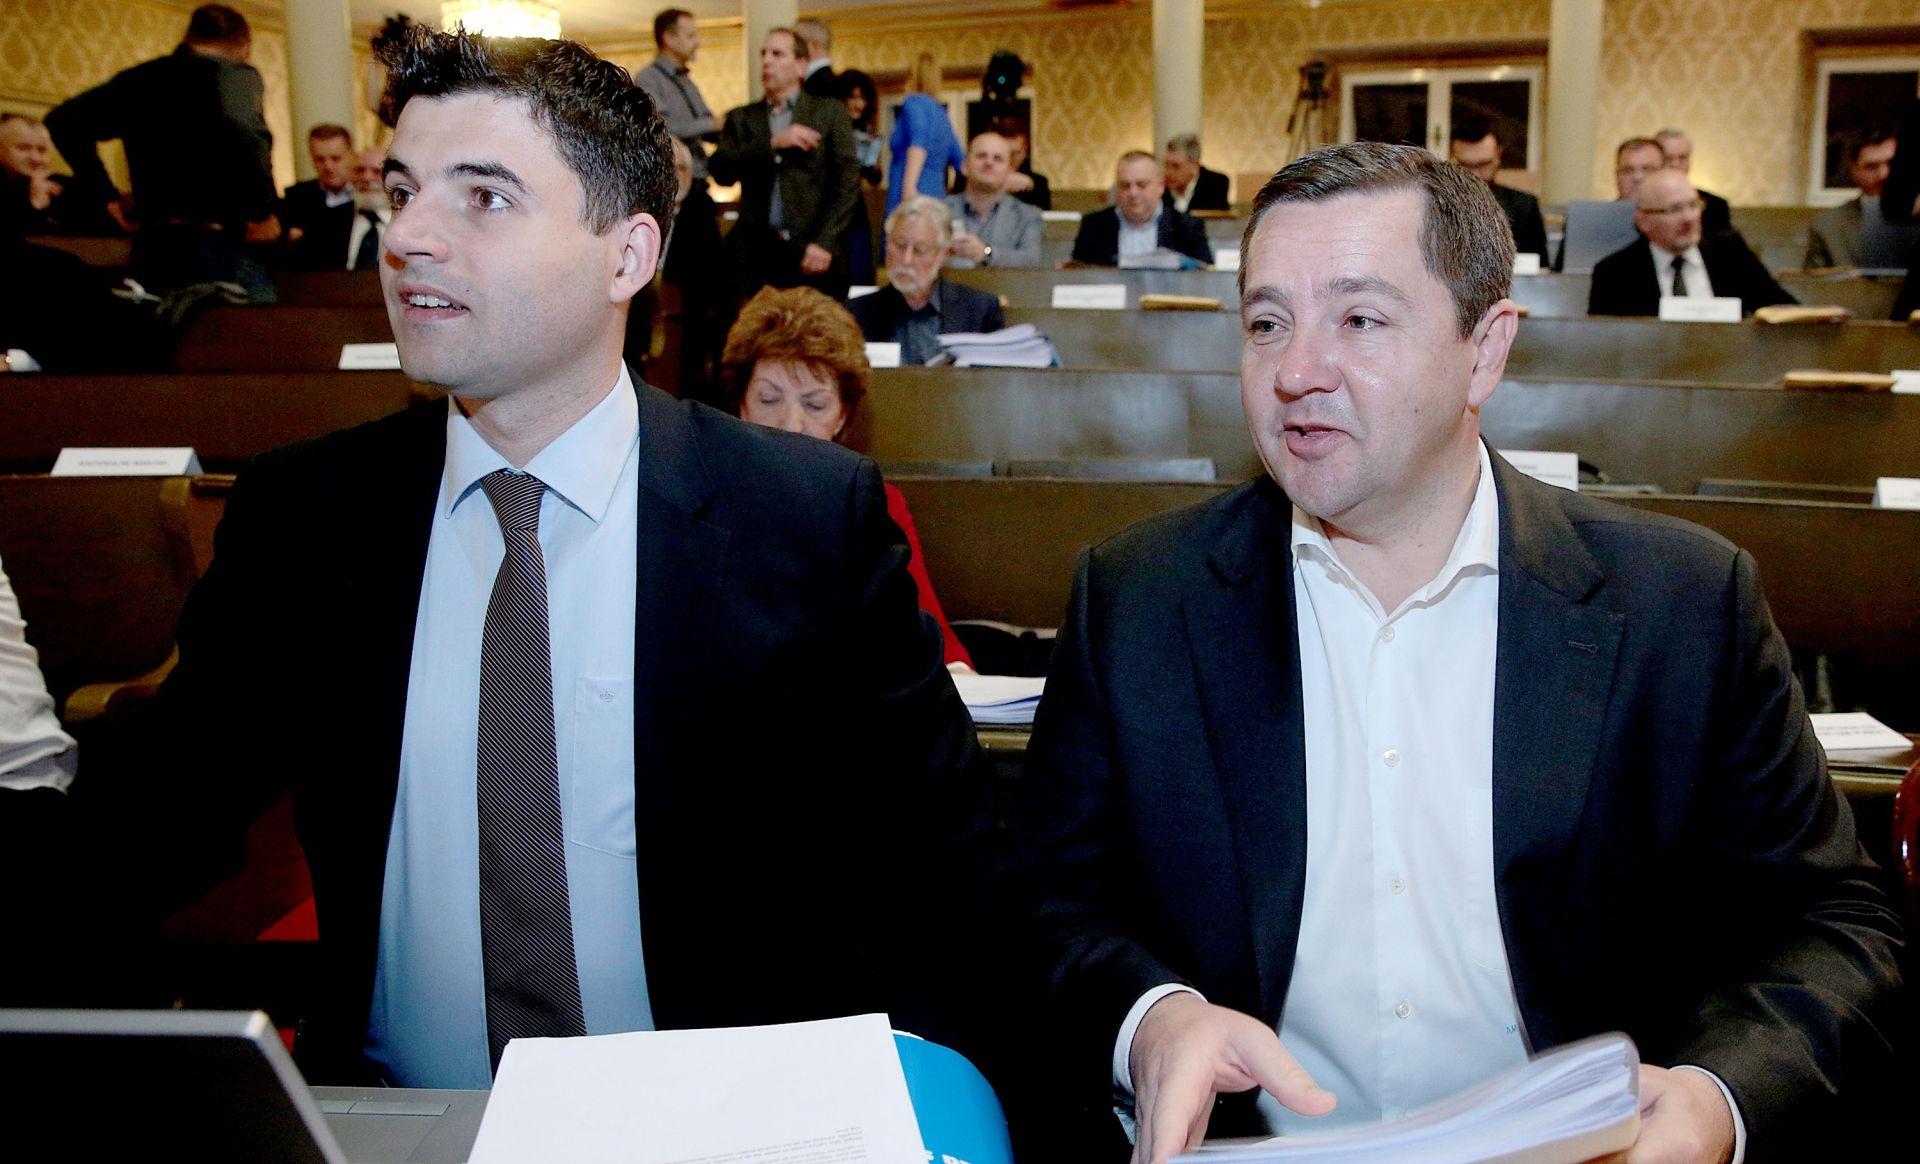 Bernardić smatra da je Bandić u koaliciji s HDZ-om, Mikulić to opovrgava